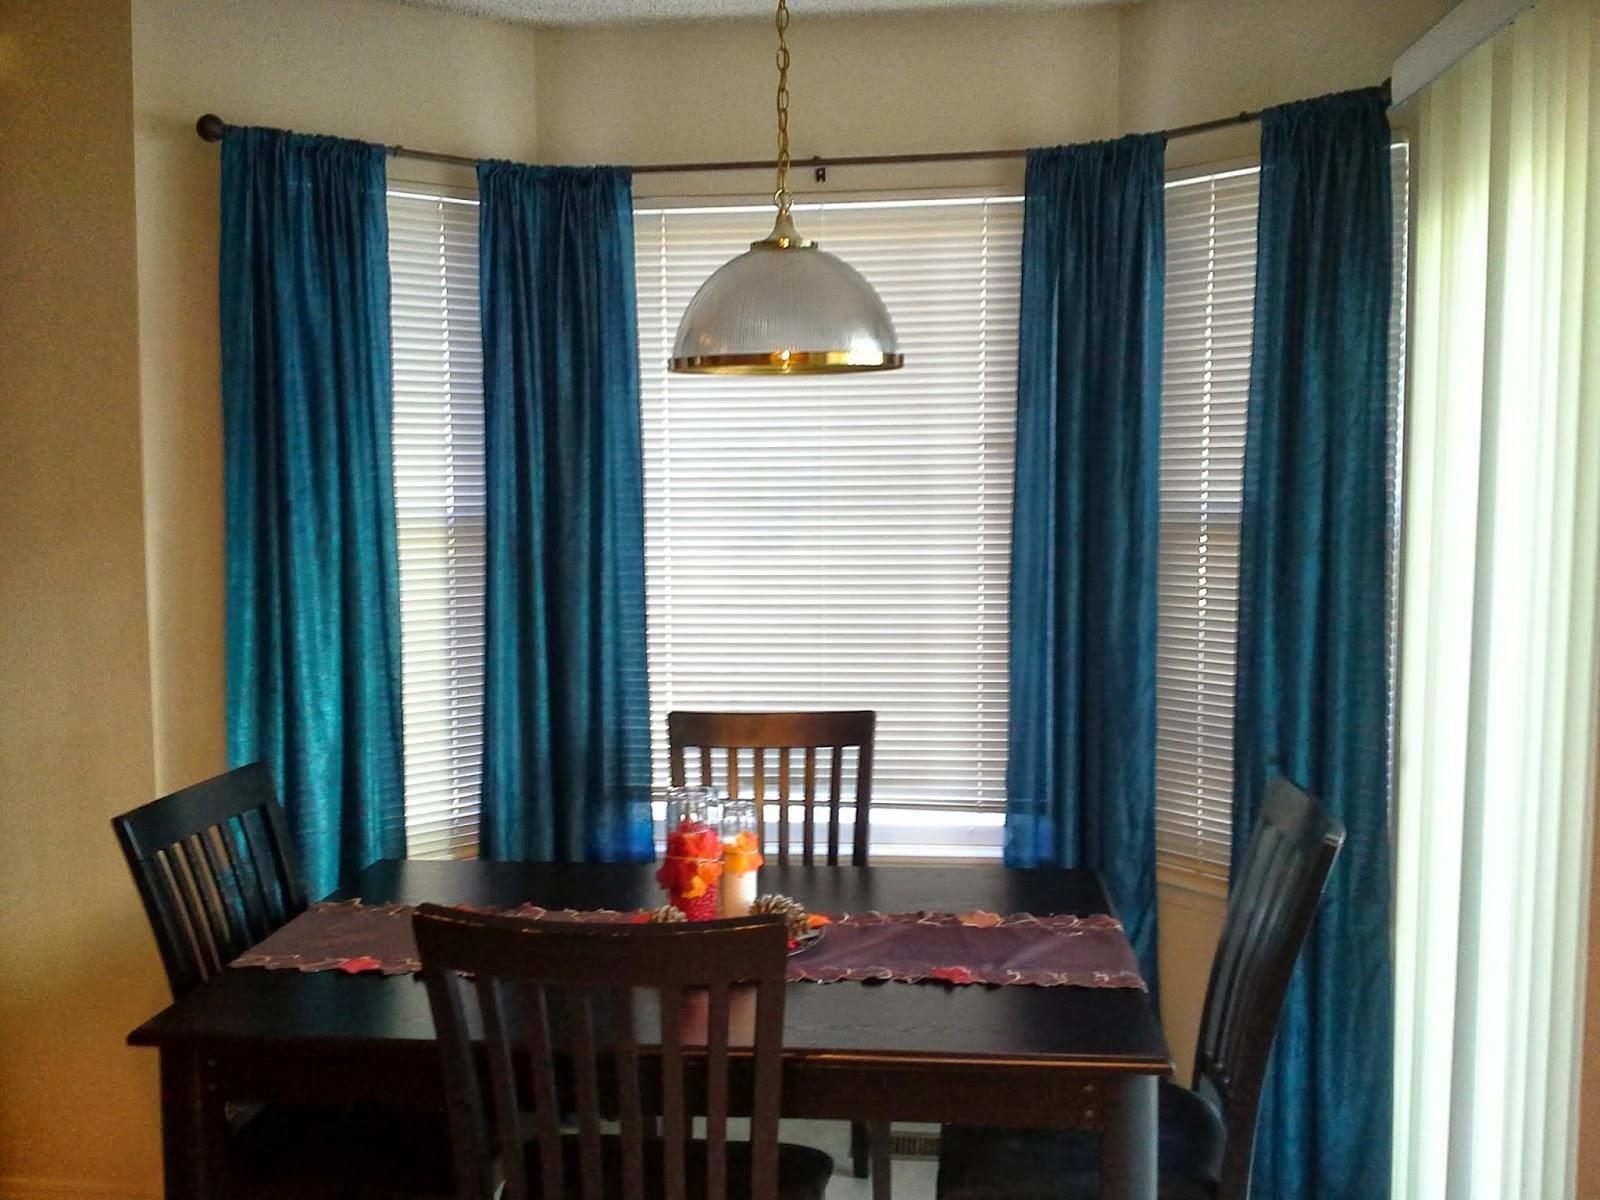 30 Best Curtain Rail for Bay Windows Ideas UK - Home Decor ... on Dining Room Curtain Ideas  id=43918